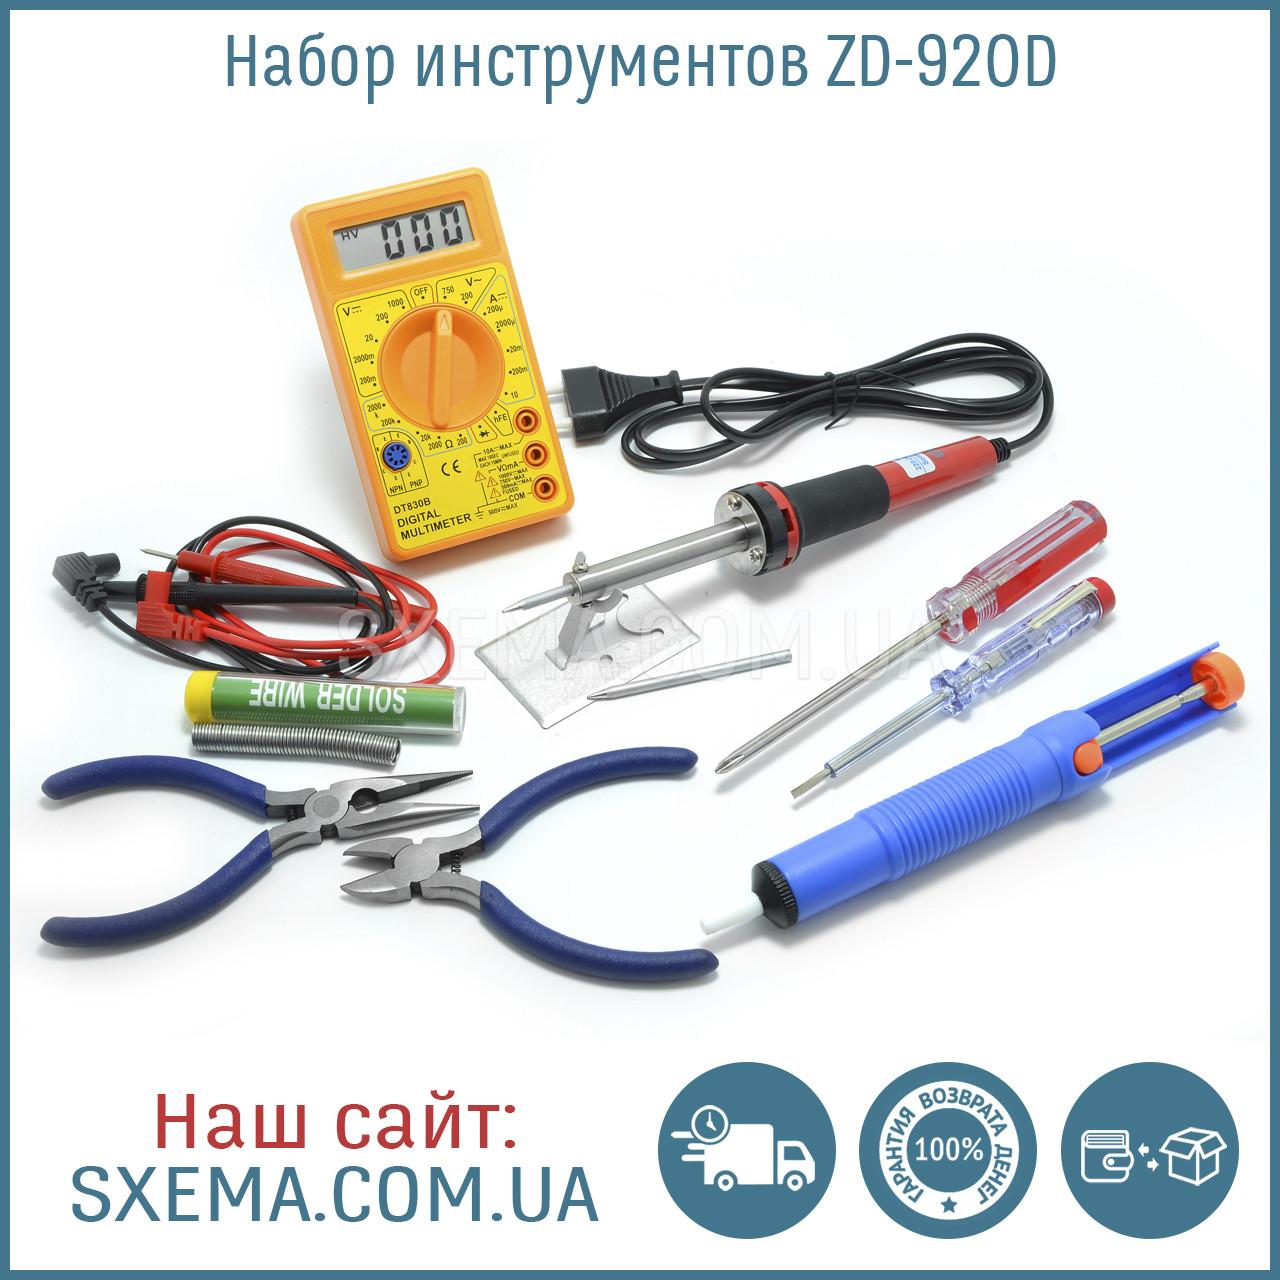 Набор инструментов ZD 920D паяльник, кусачки, мультиметр, оловоотсос